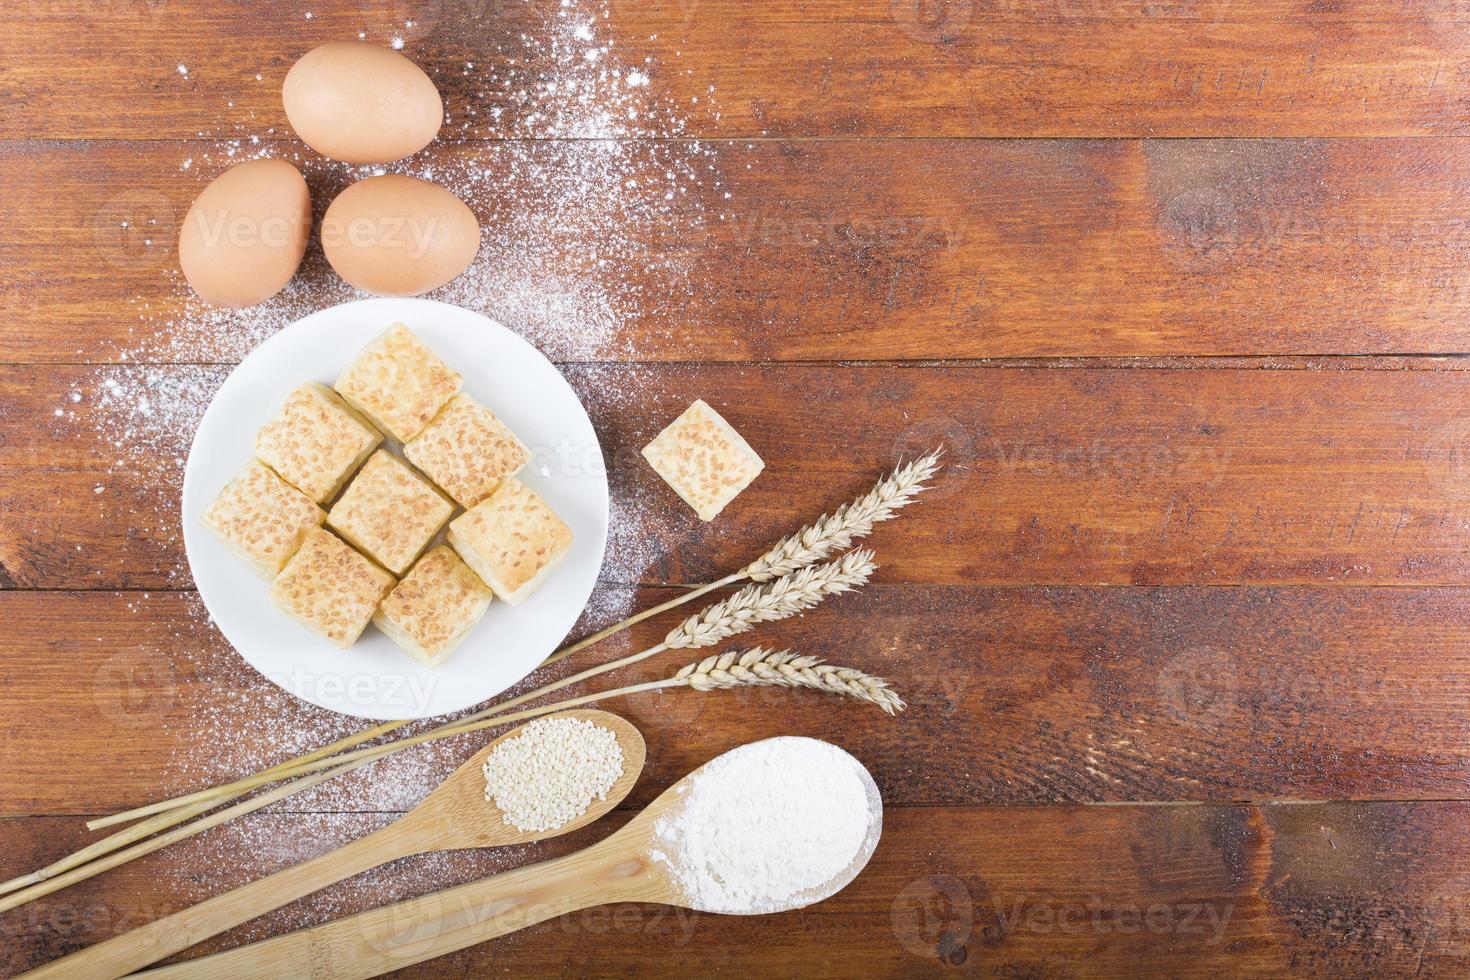 recept ingredienser och kök foto